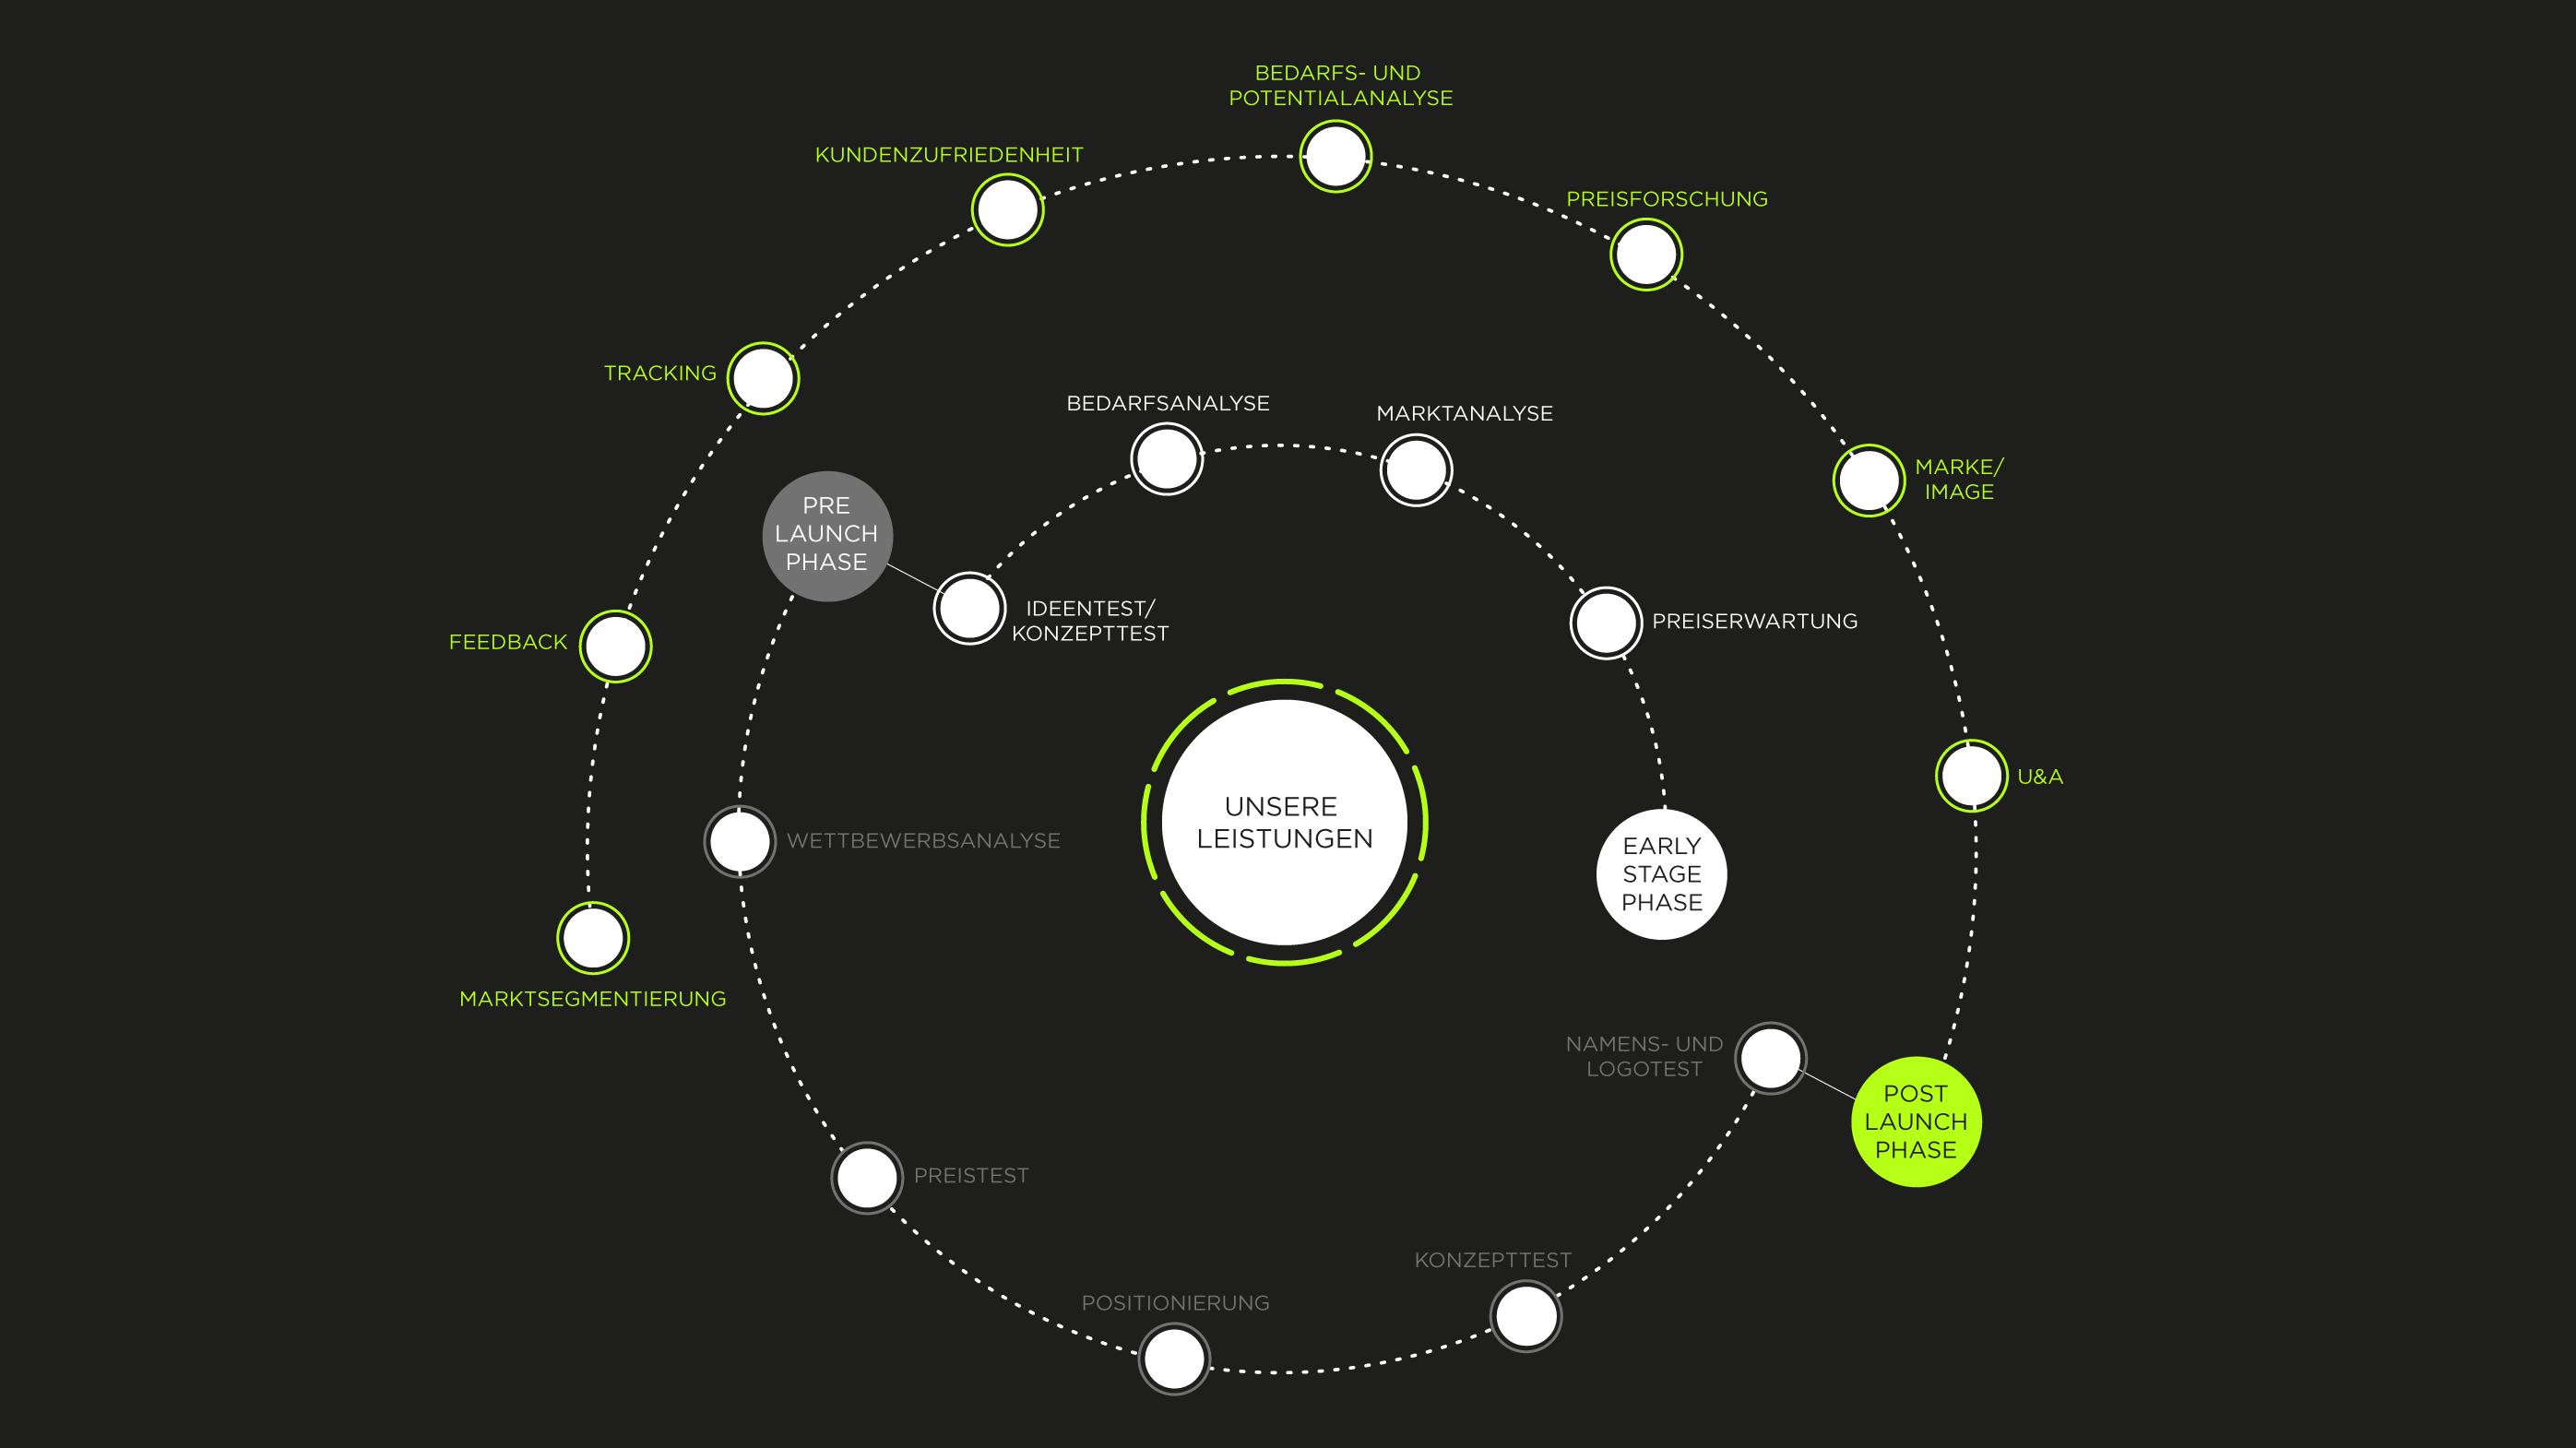 Savvy Research-Leistungen-Marktsegmentierung-Feedback-Tracking-Kundenzufriedenheit-Bedarfs- und Potenzialanalyse-Preisforschung-Marke und Image-Imageanalyse-U&A-Usage and Attitude-Namenstest-Logotest-Konzepttest-Positionierung-Preistest-Wettbewerbsanalyse-Ideentest-Marktanalyse-Preiserwartung-A/B Test-implizite Methoden